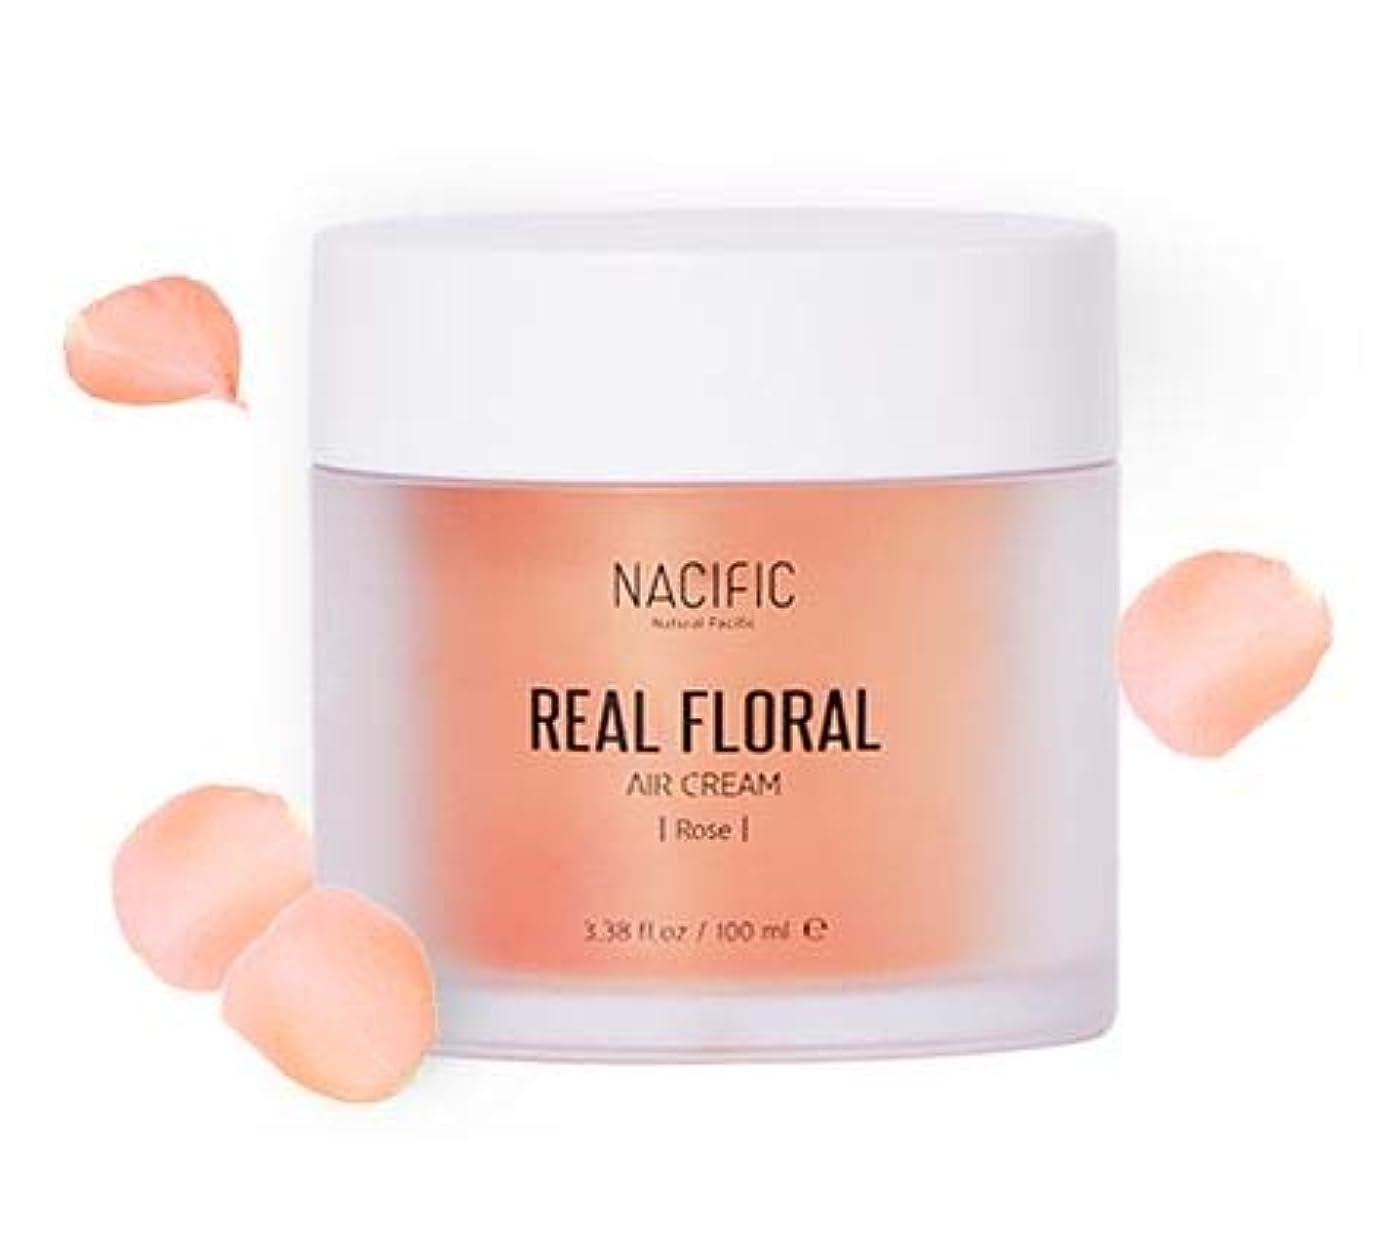 測定セットする初期の[ NACIFIC ] Real Rose Floral Air Cream 100ml (Rose) / [ナシフィック] リアル (ローズ エア クリーム) 100ml [並行輸入品]